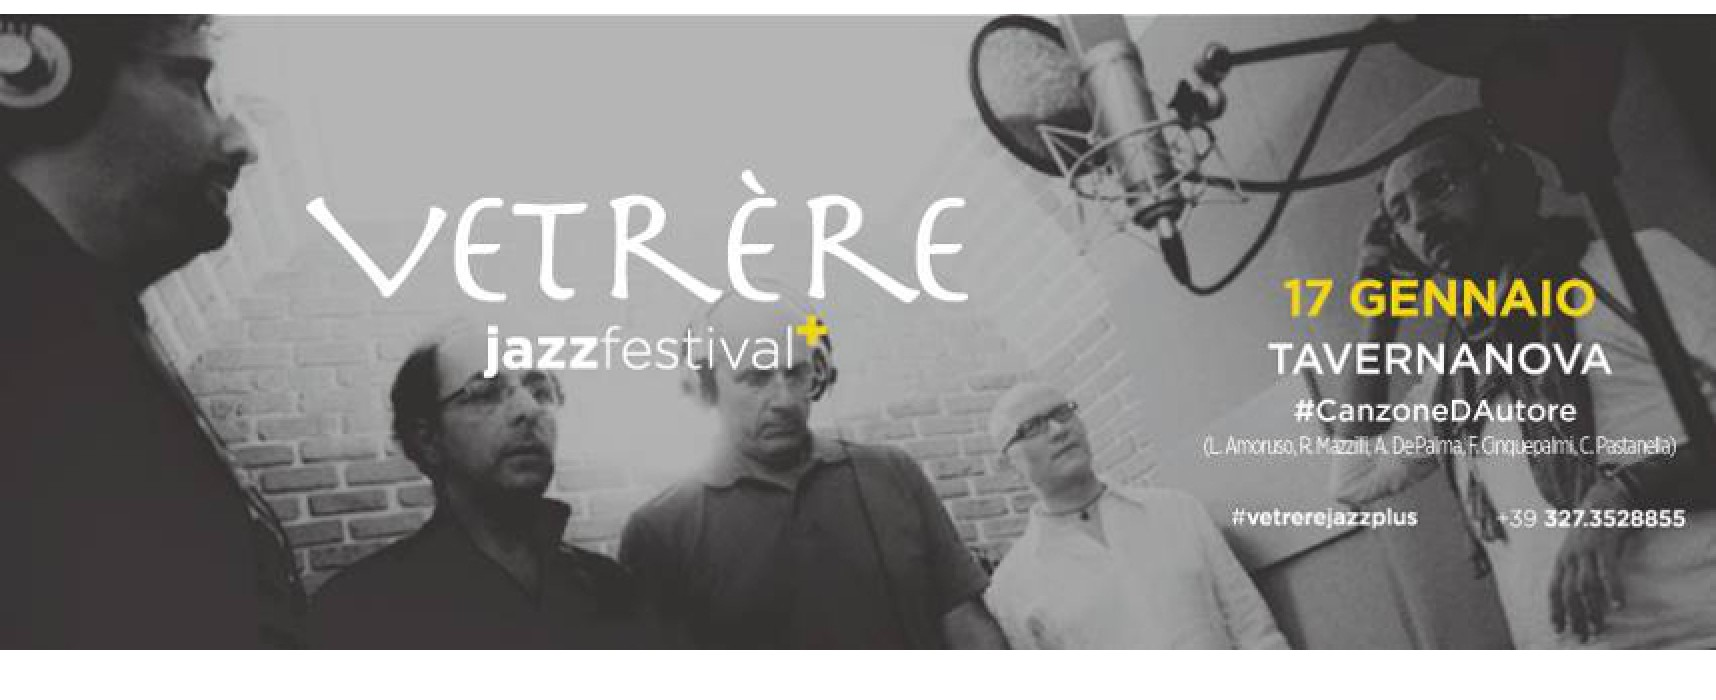 Vetrère Jazz Festival plus, arriva la canzone d'autore: Tavernanova in concerto